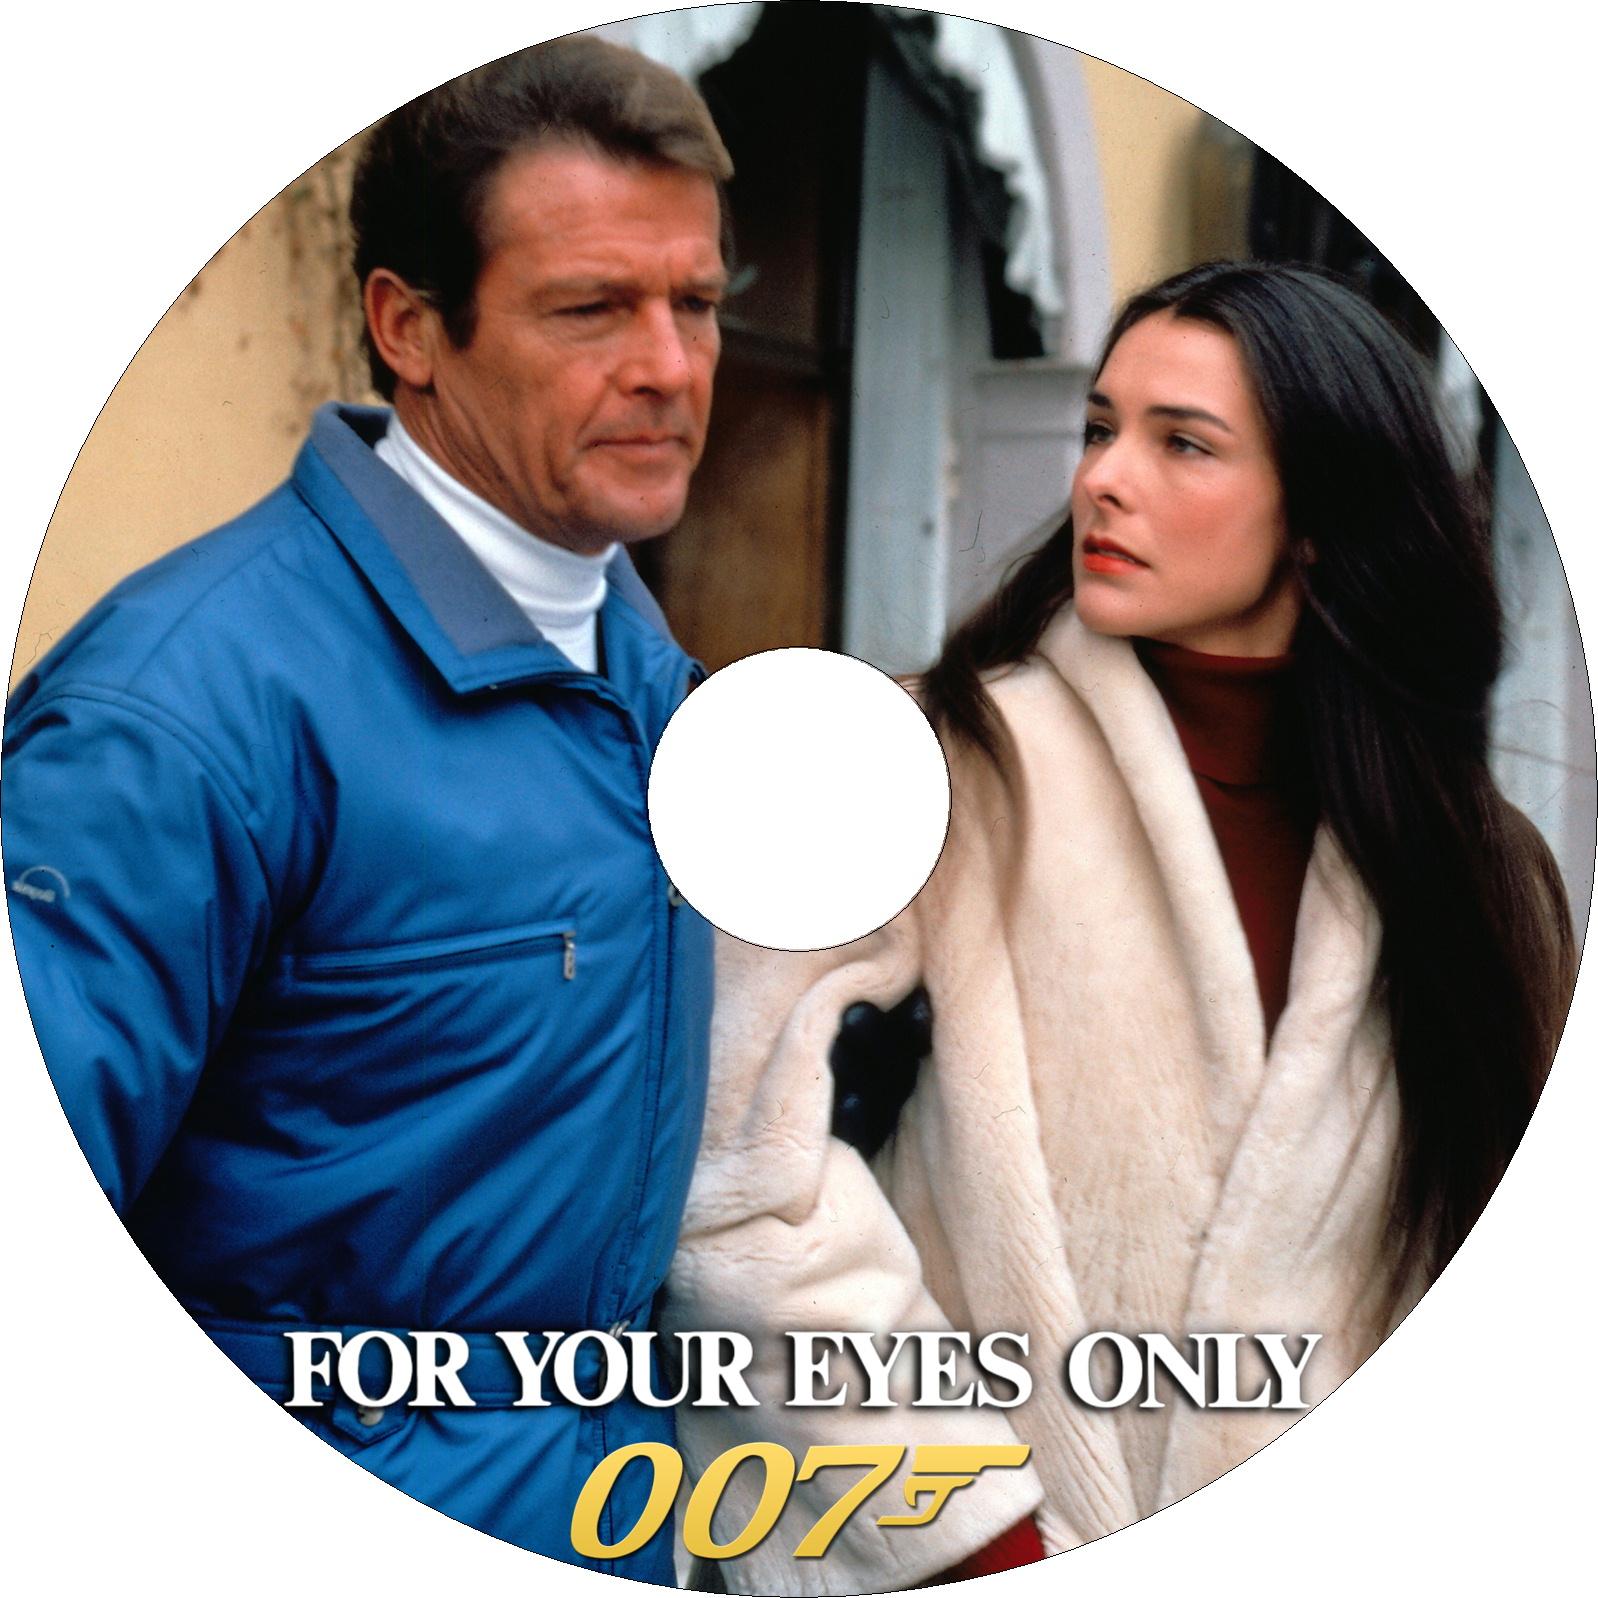 007 ユア・アイズ・オンリー ラベル